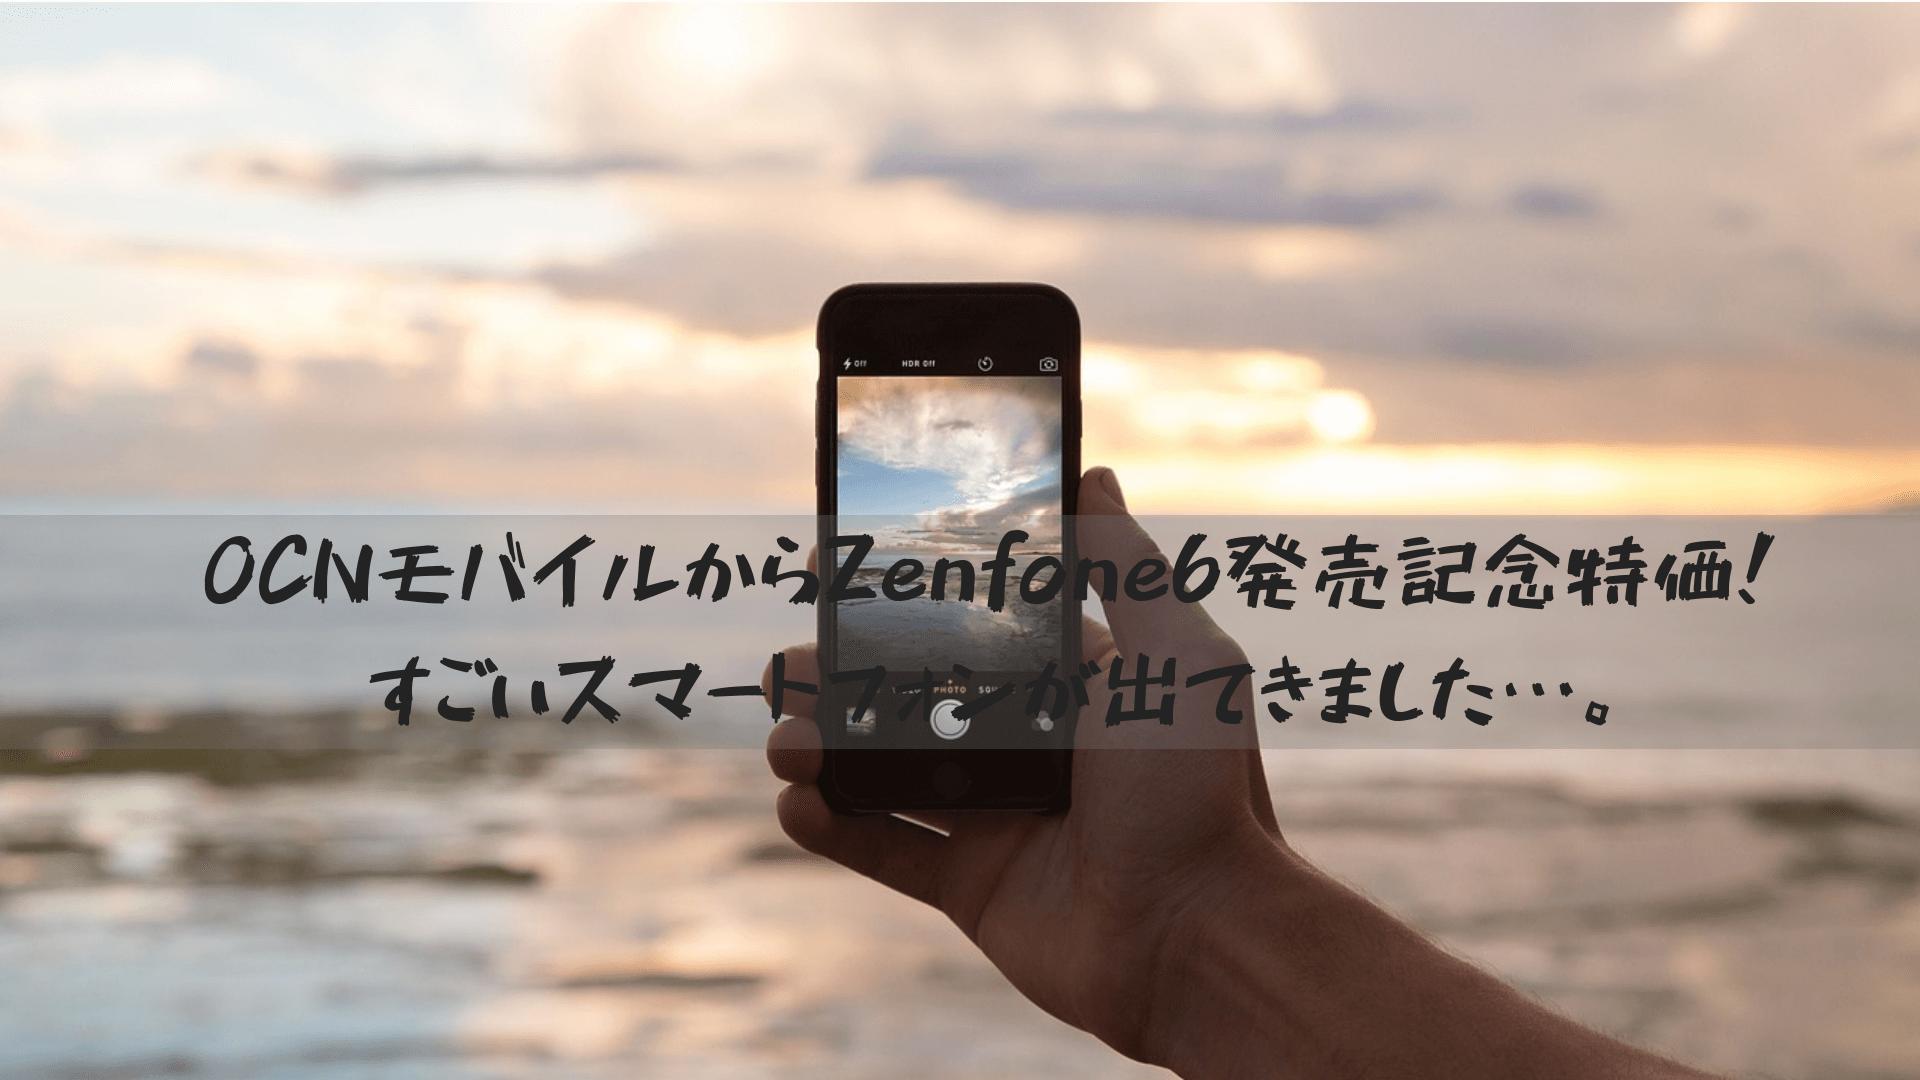 OCNモバイルからZenfone6発売記念特価!すごいスマートフォンが出てきました…。